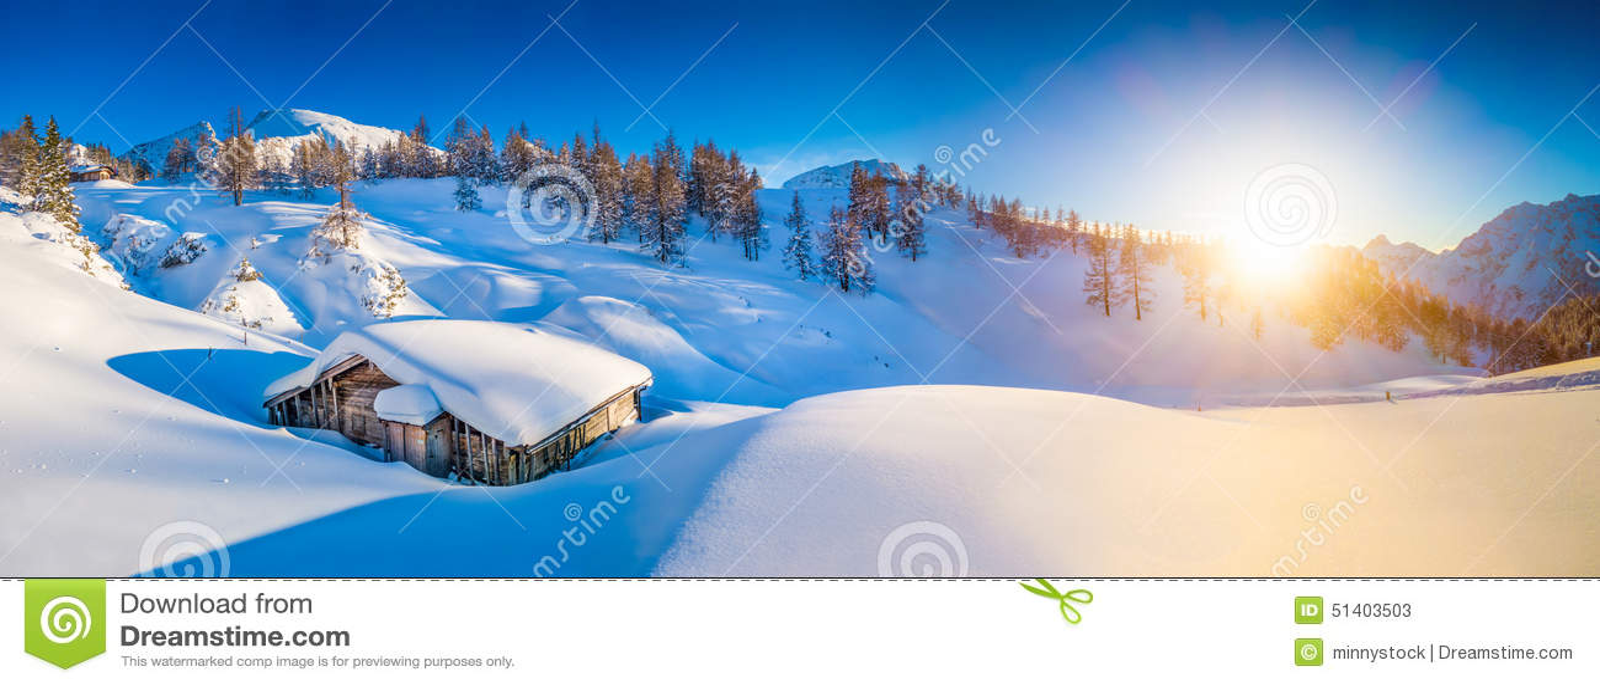 Ειδυλλιακό τοπίο χειμερινών βουνών στις Άλπεις στο ηλιοβασίλεμα